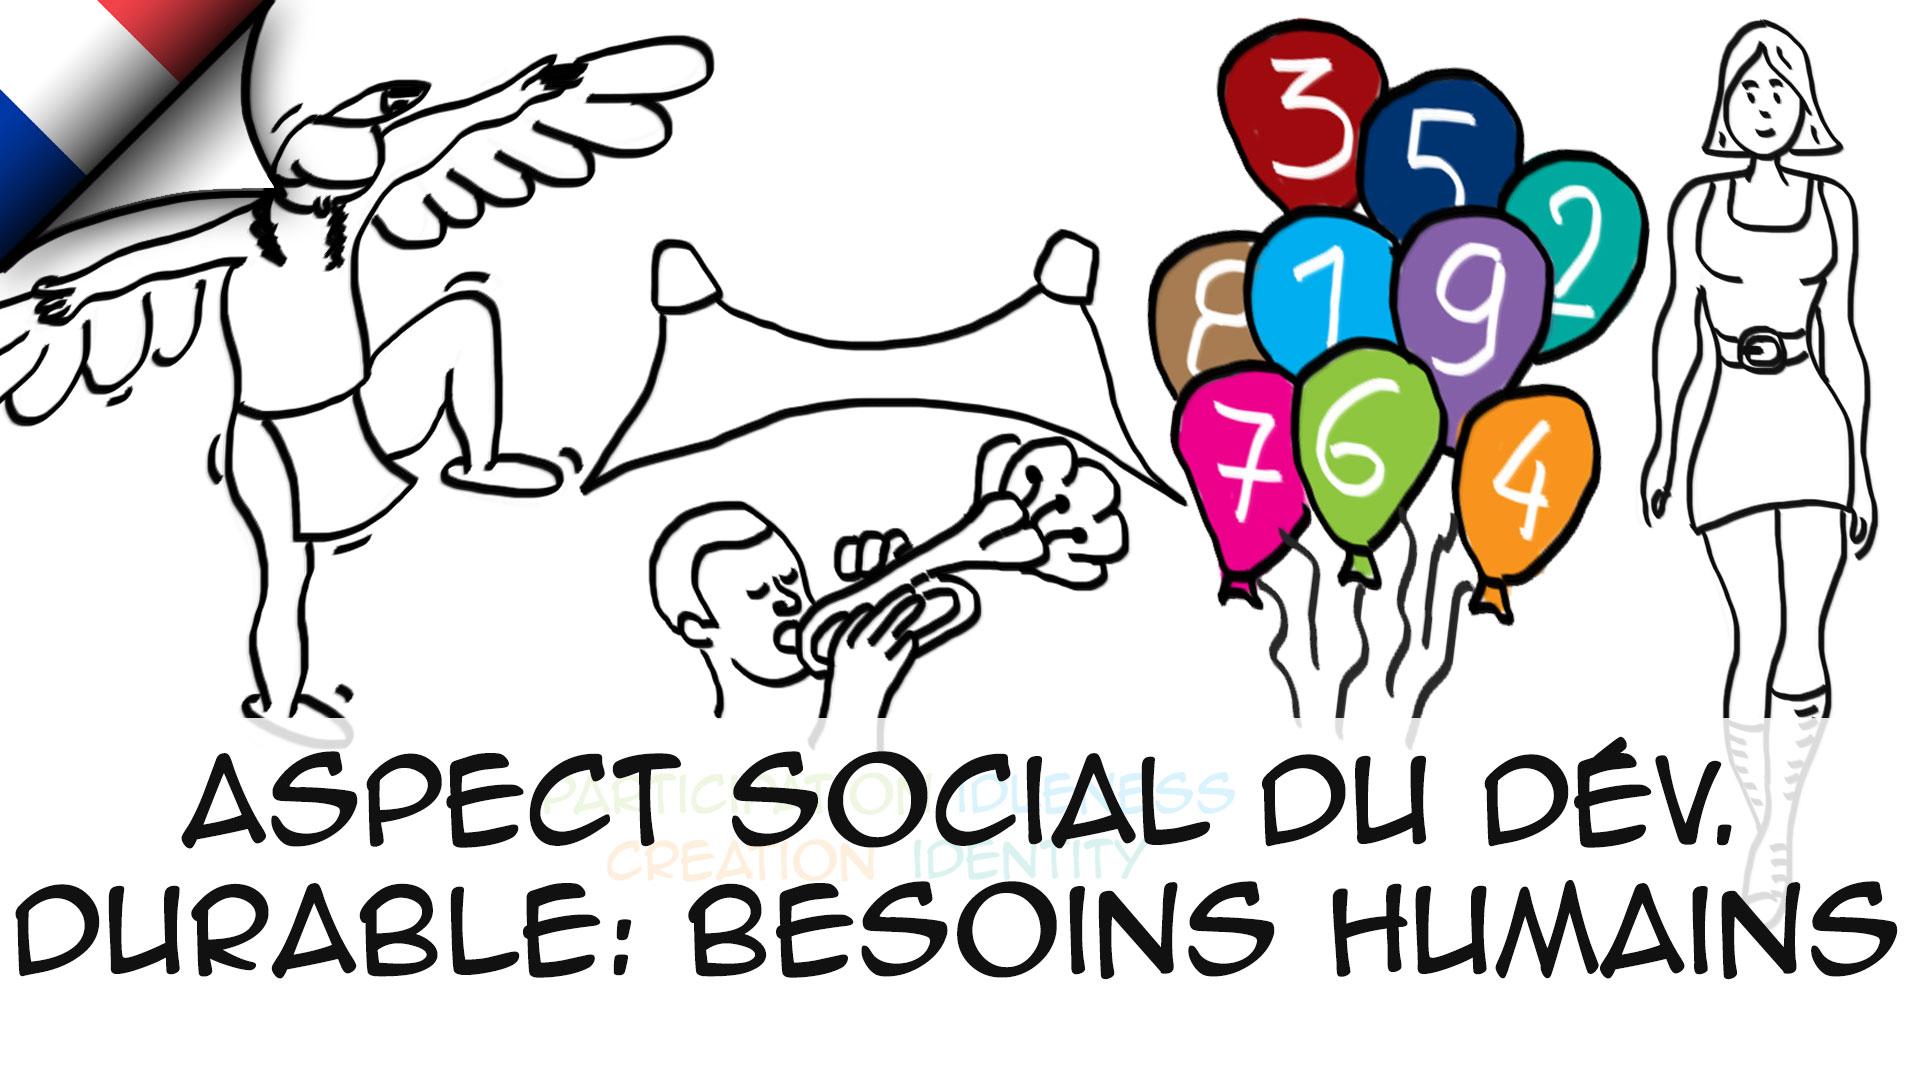 Aspect social du développement durable (besoins humains)